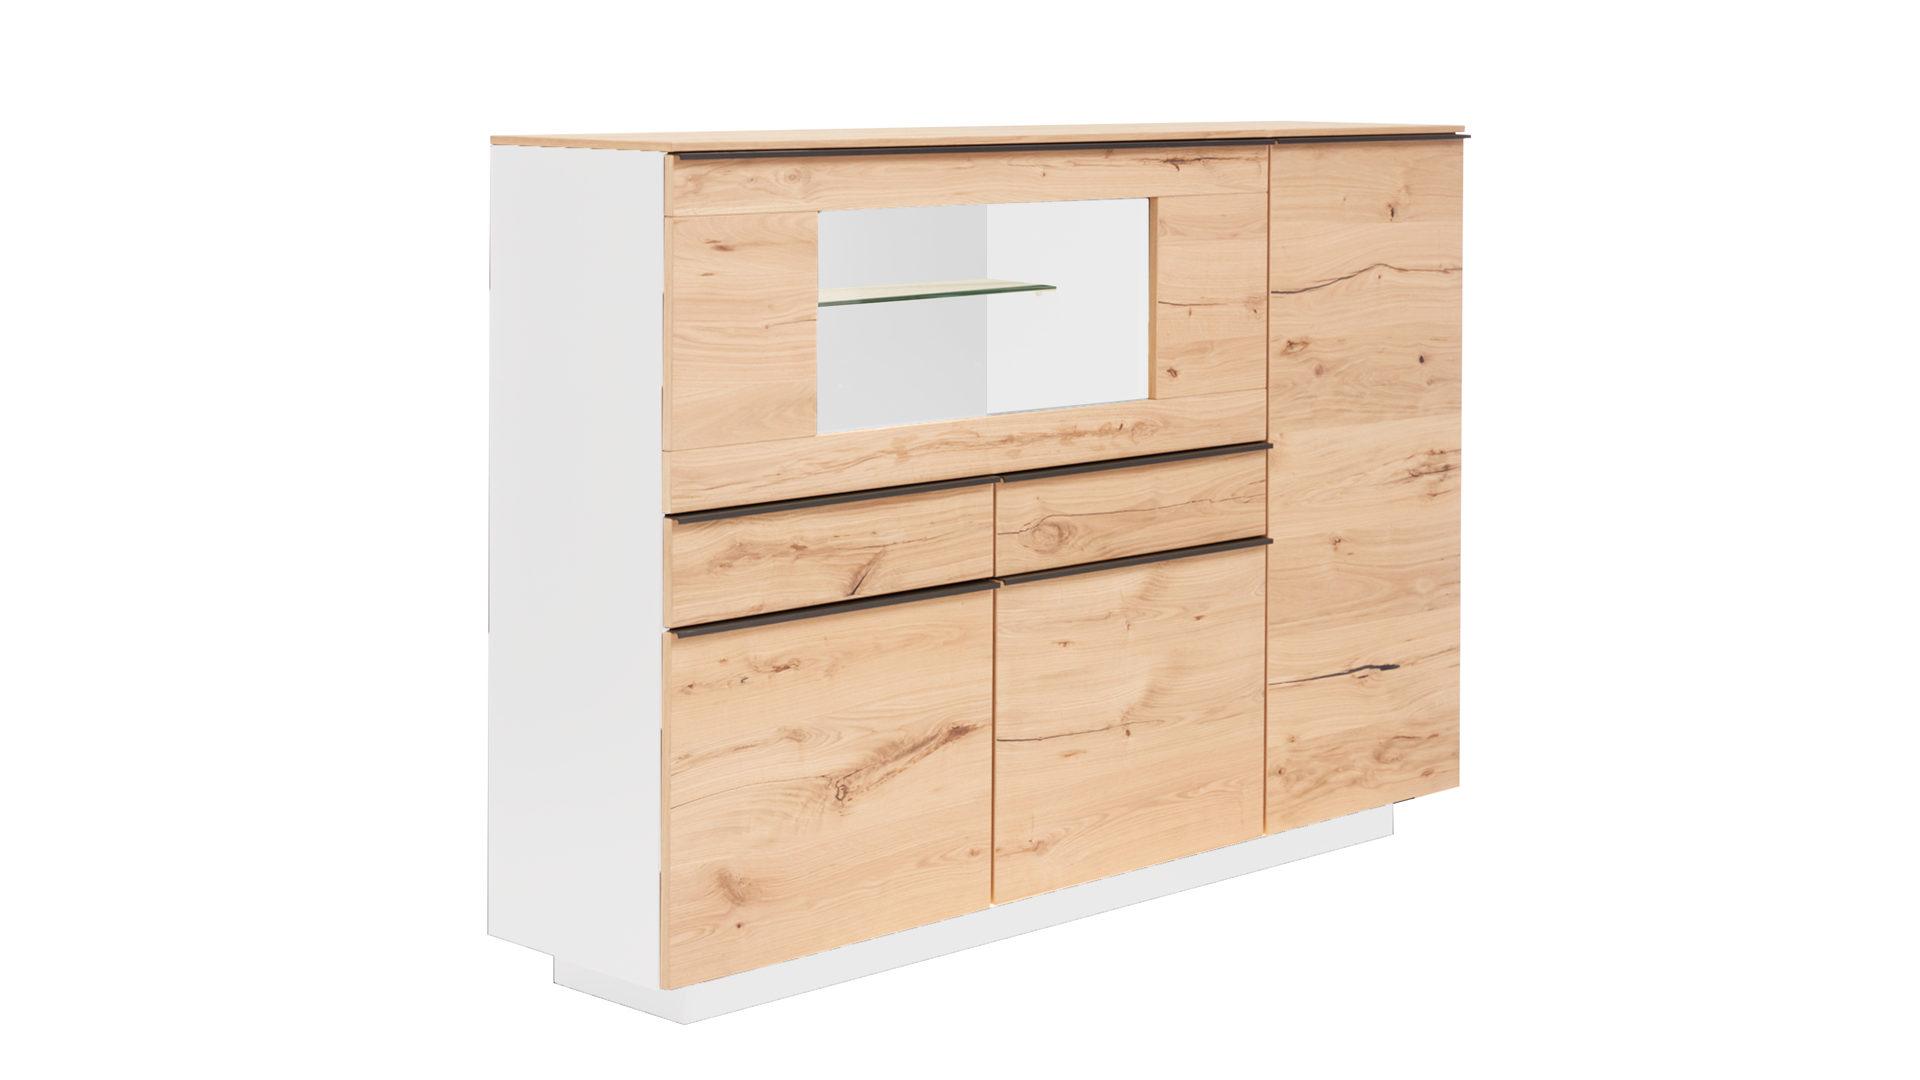 Interliving Wohnzimmer Serie 2103 Highboard Mattweißer Lack